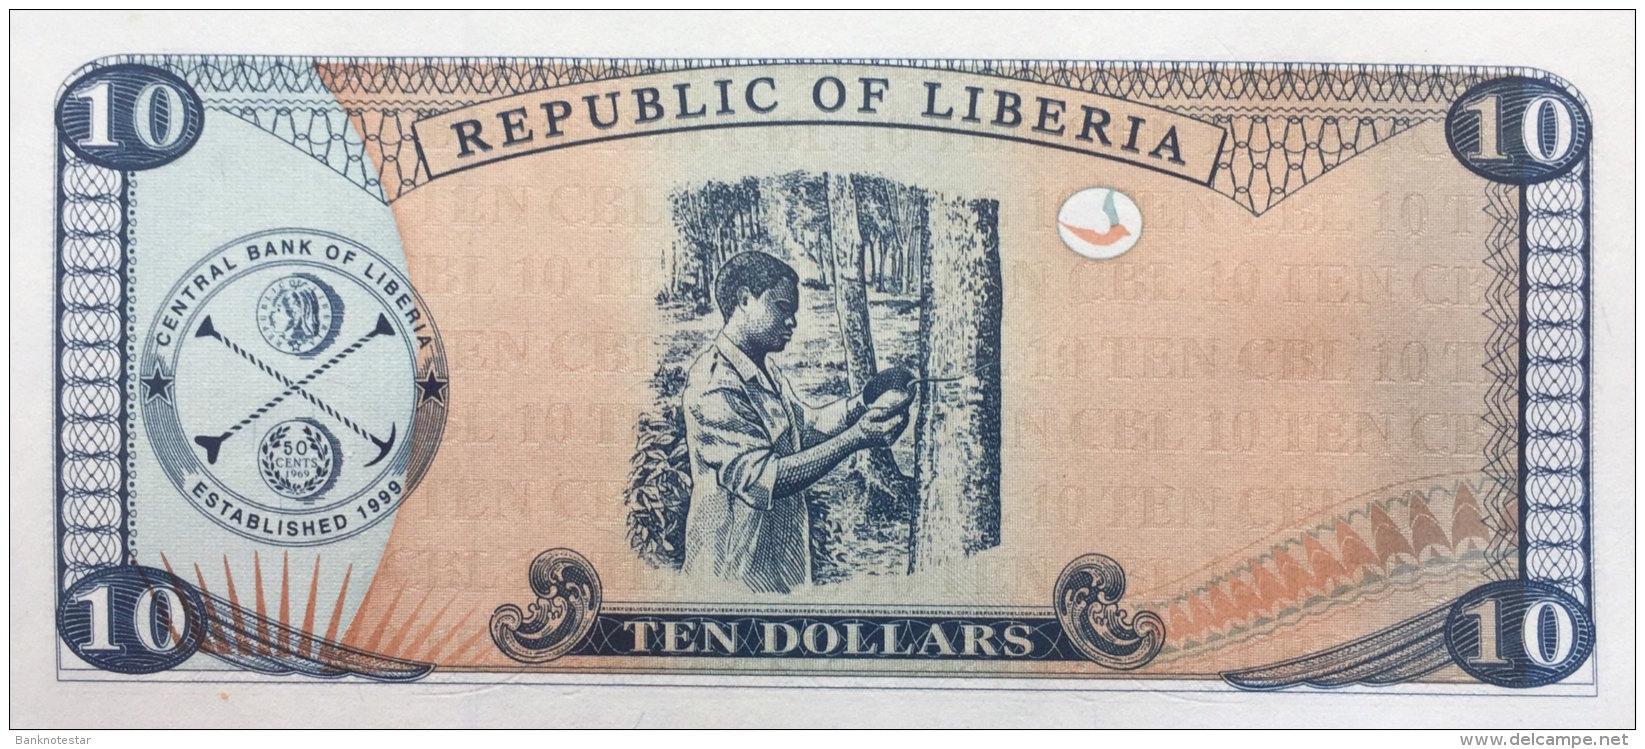 Liberia 10 Dollars, P-22 (1999) UNC - Liberia